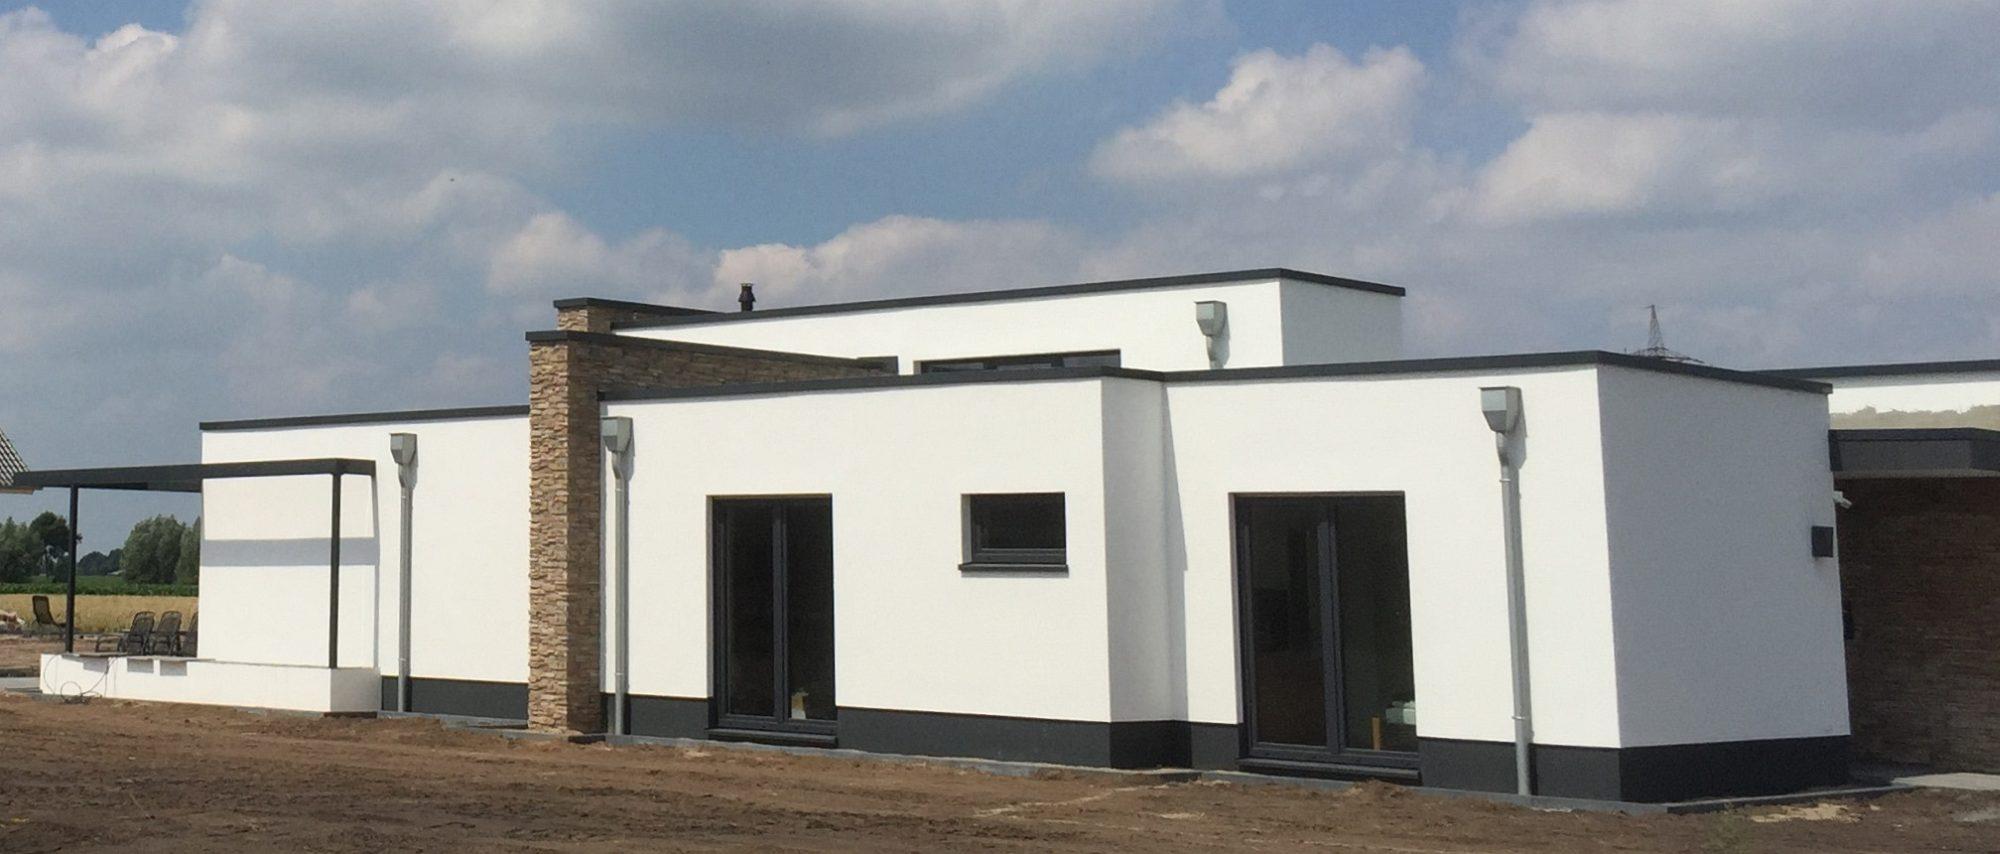 Architektenhaus bauen mit kalobau in osnabr ck oldenburg for Flachdachhaus modern